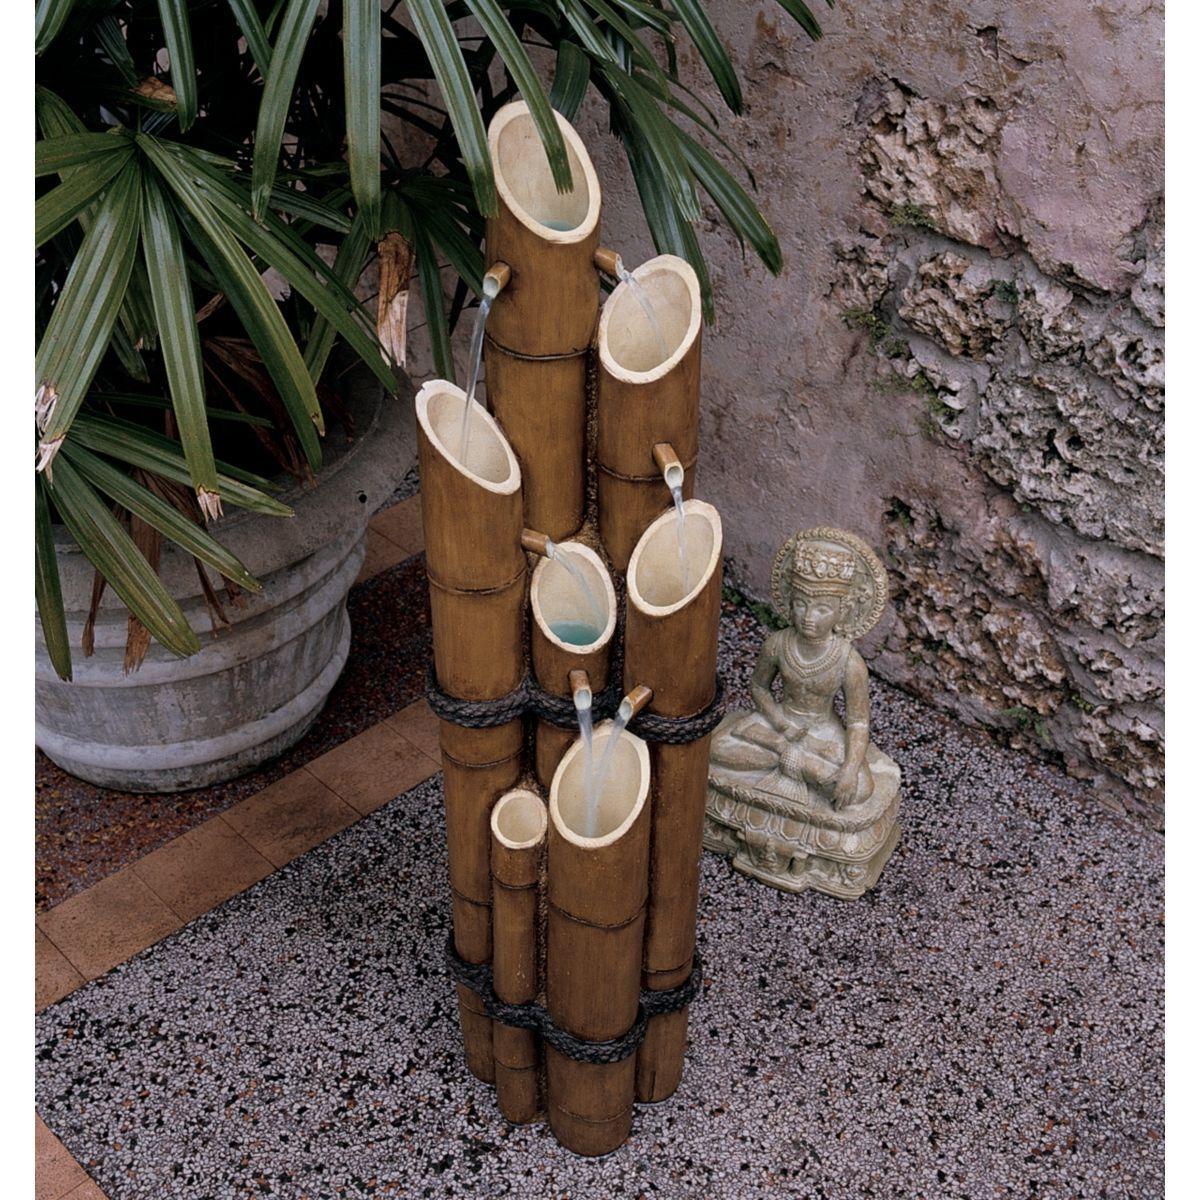 Al aire libre ponga nicos fuentes de jard n agua para for Diseno de fuente de jardin al aire libre